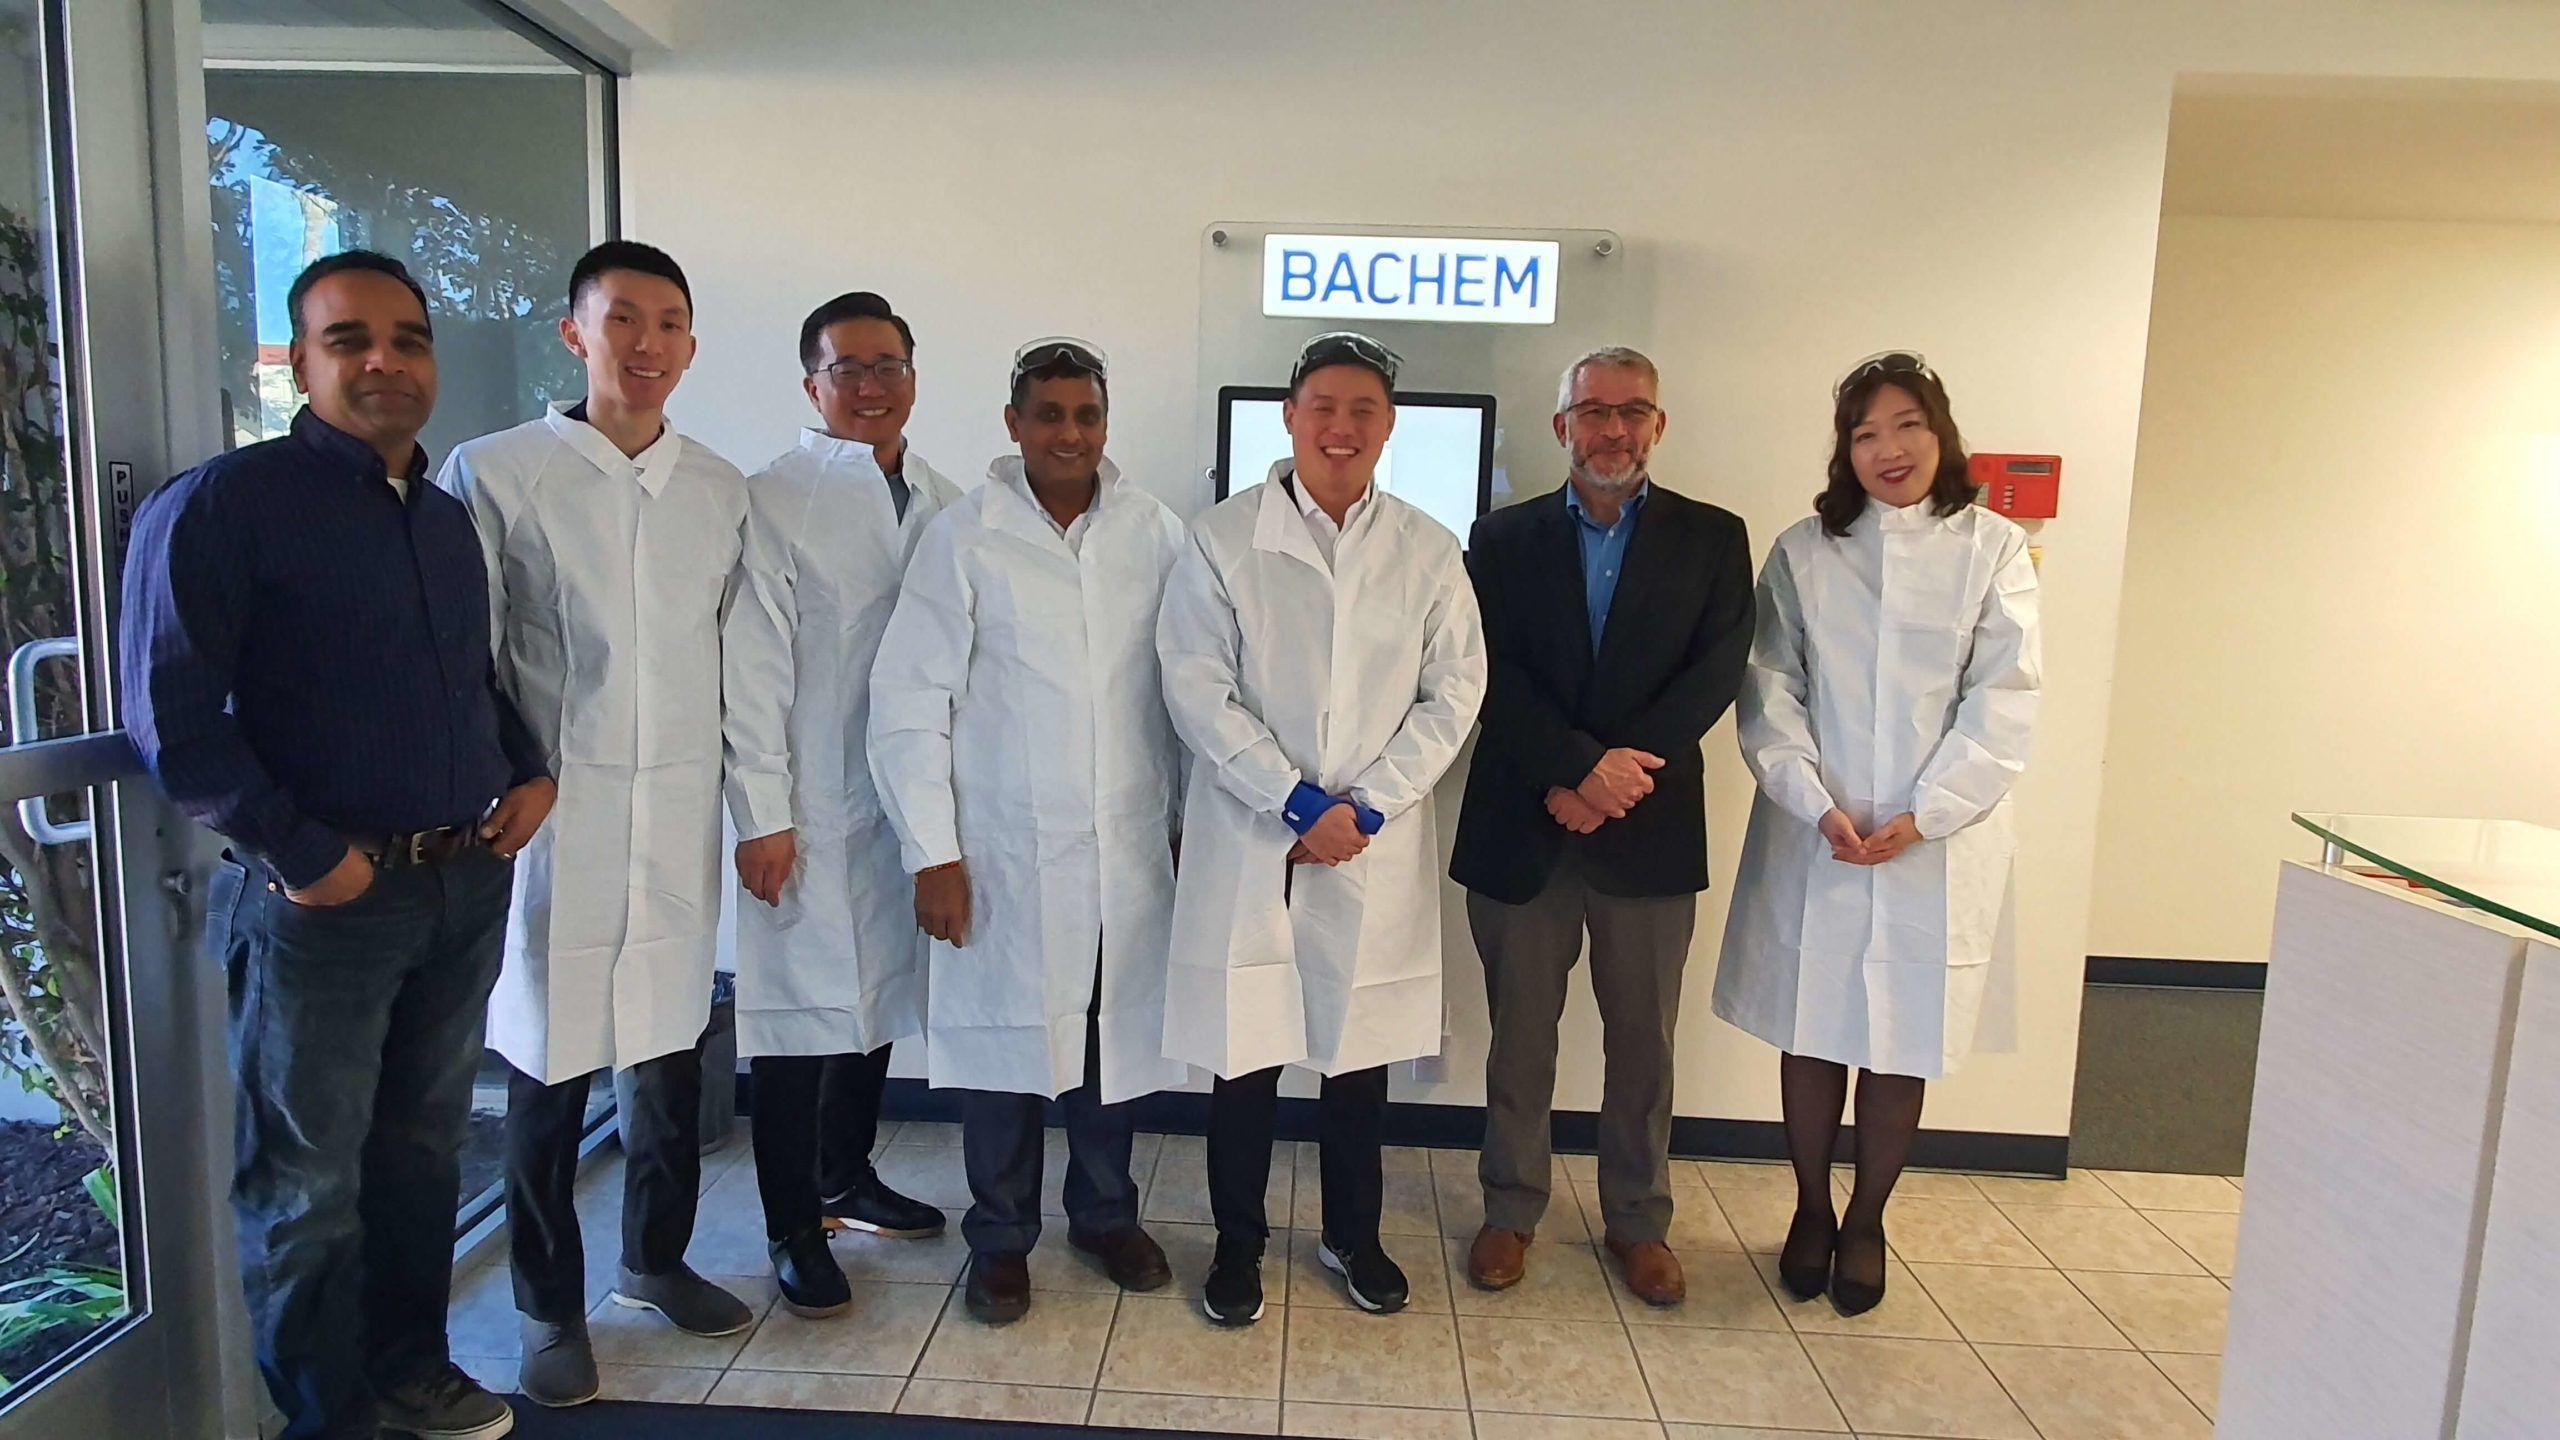 US Group Photo With Yuyu Pharma